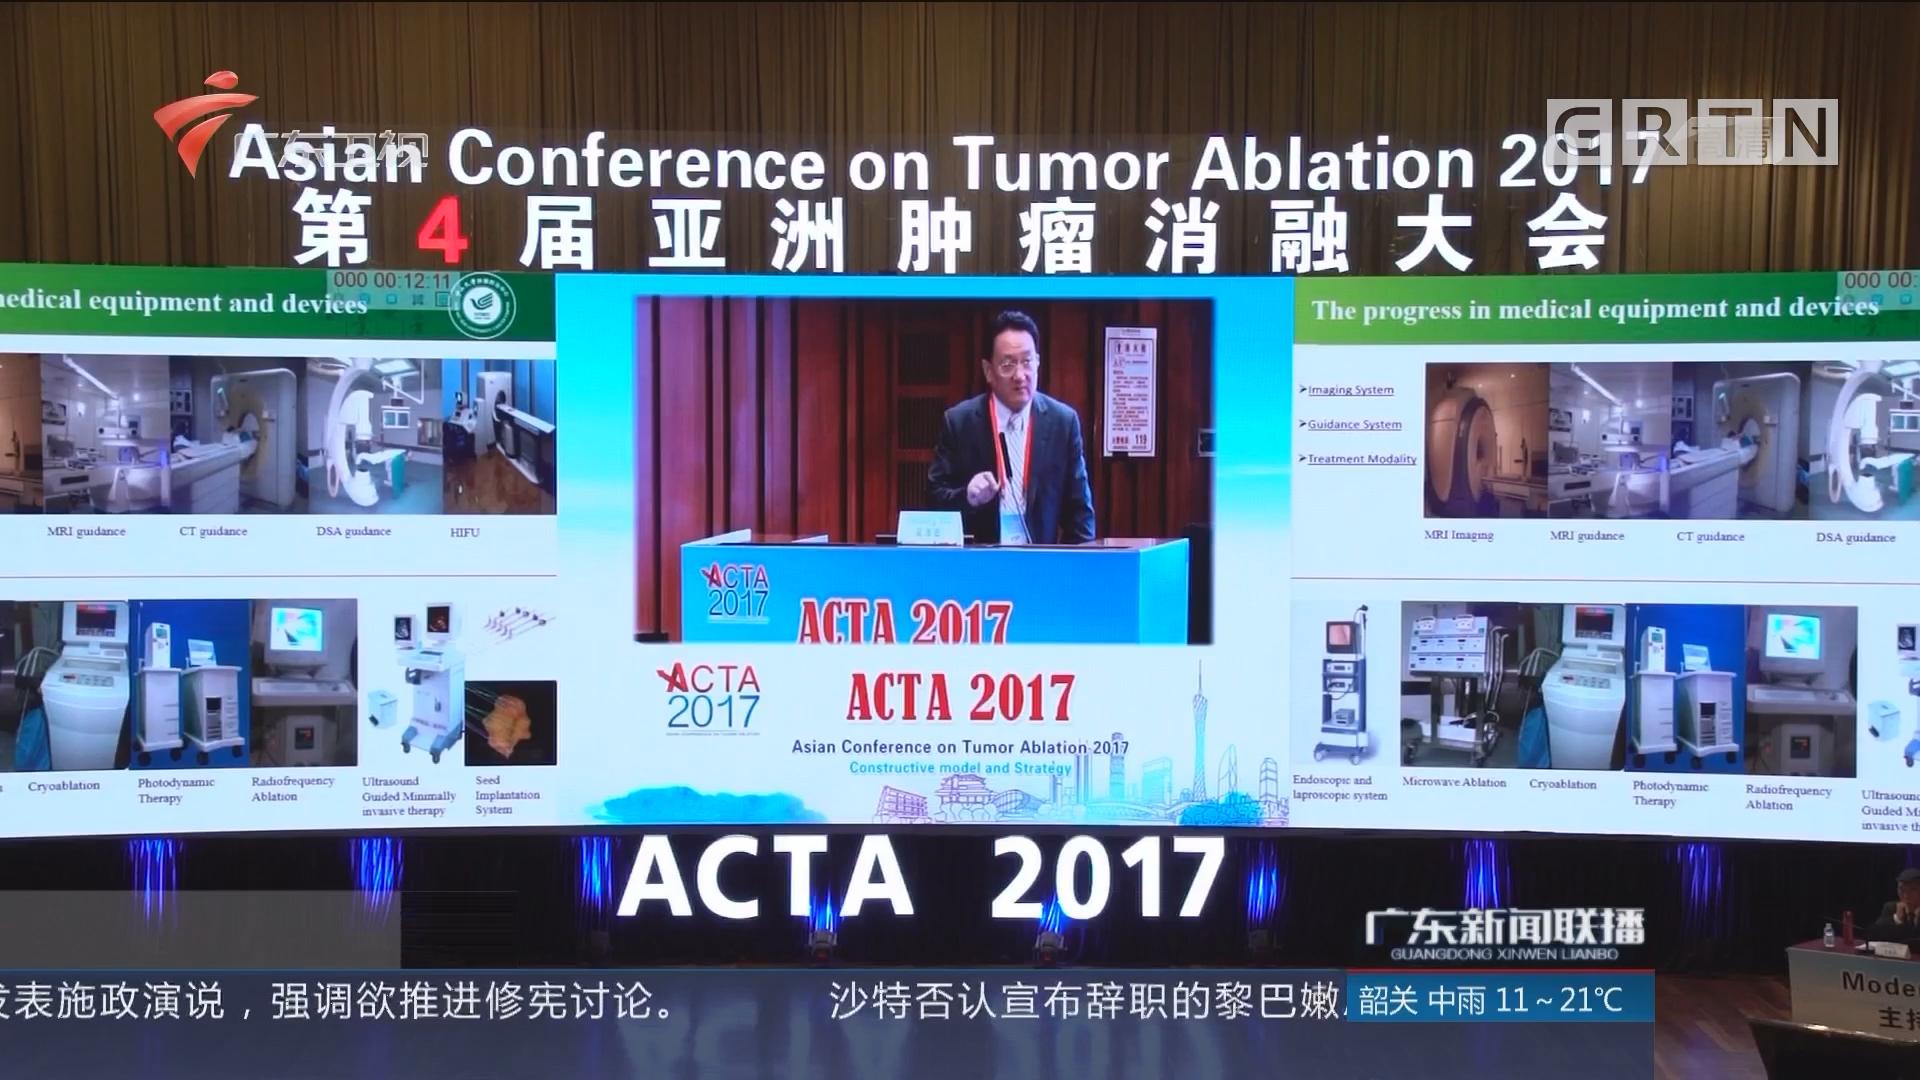 第四届亚洲肿瘤消融大会在广州召开